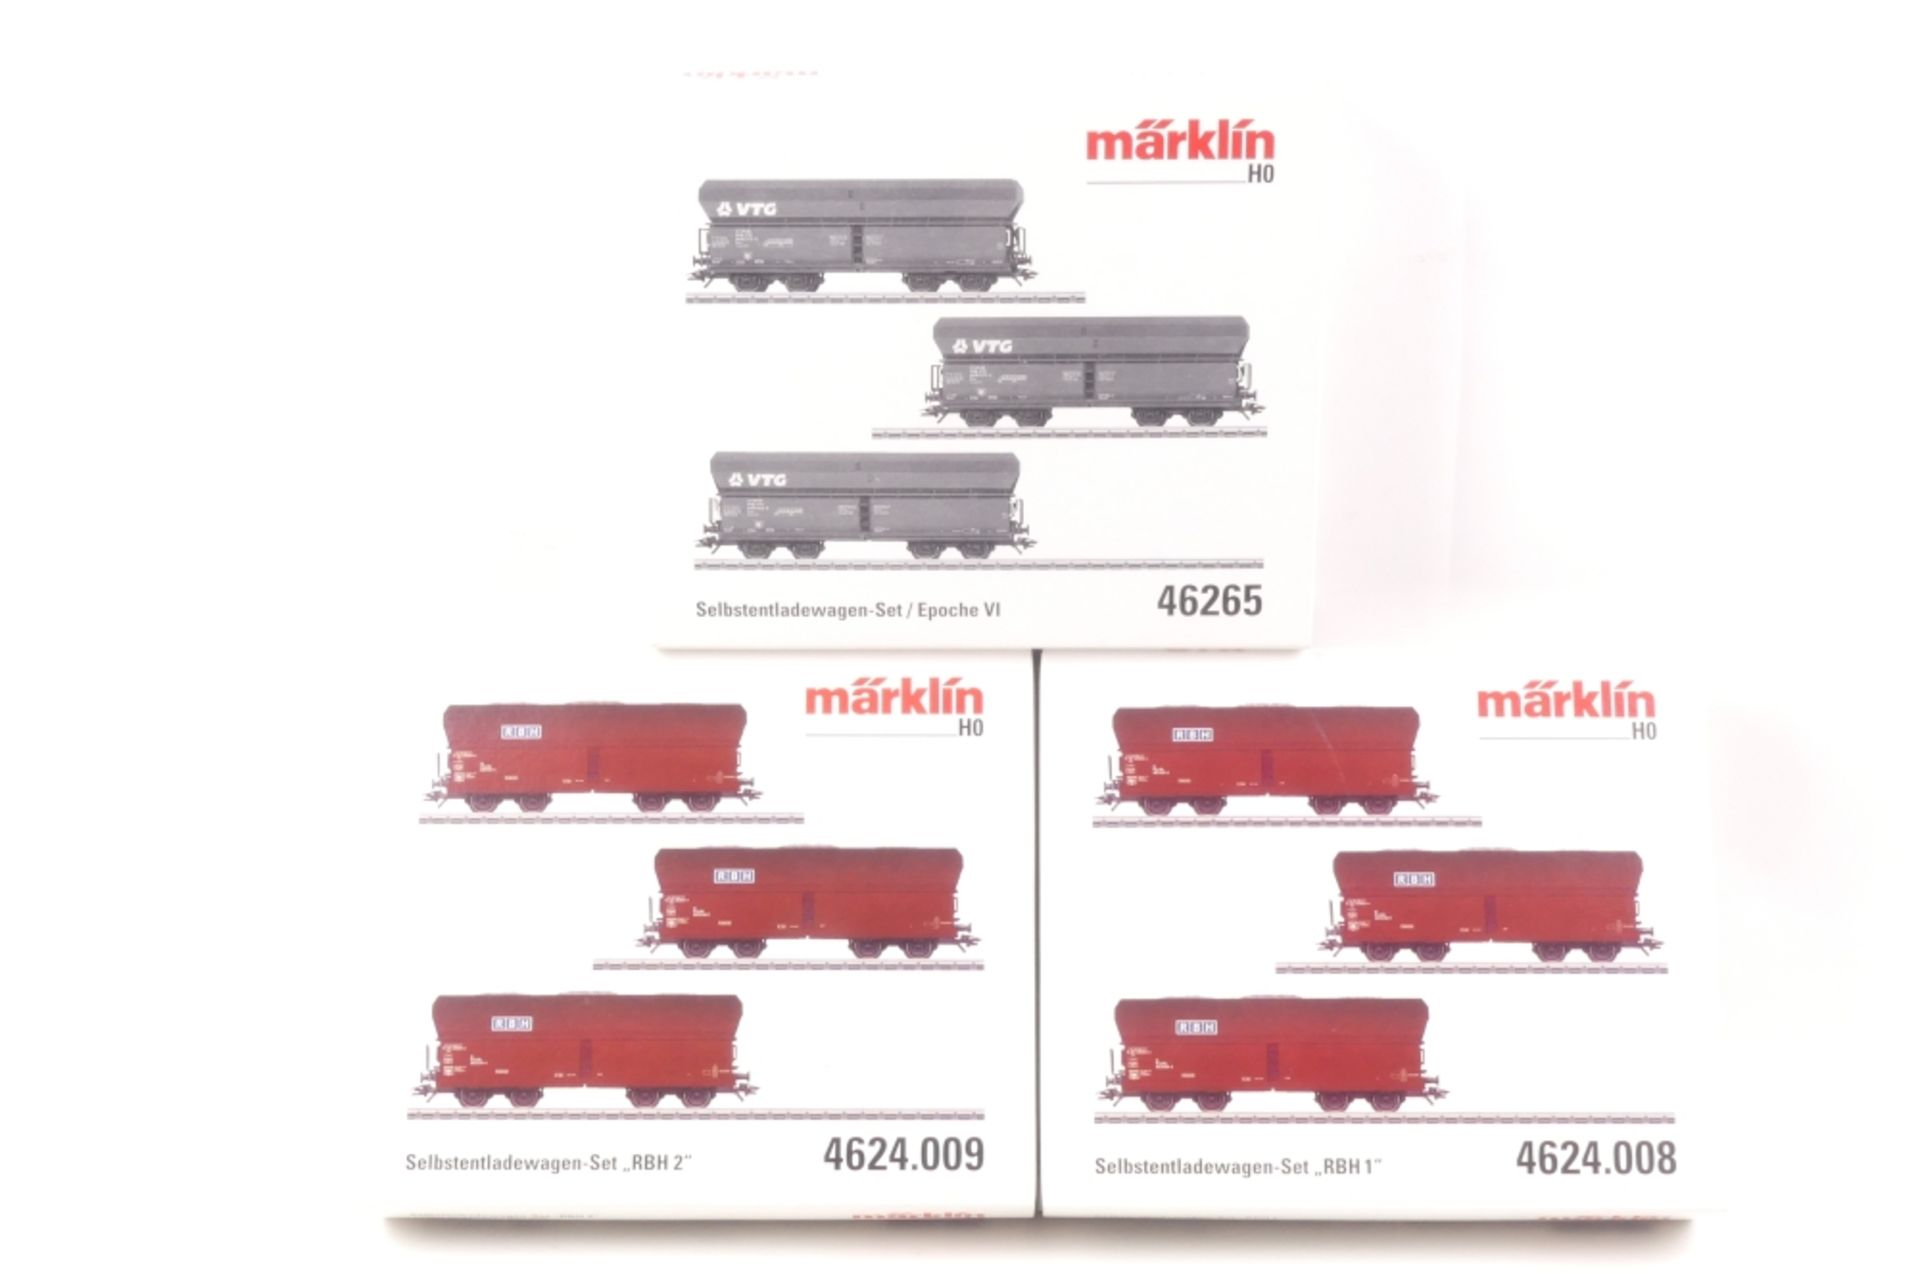 Märklin drei Selbstentladewagen-SetsMärklin drei Selbstentladewagen-Sets, 46265, 462